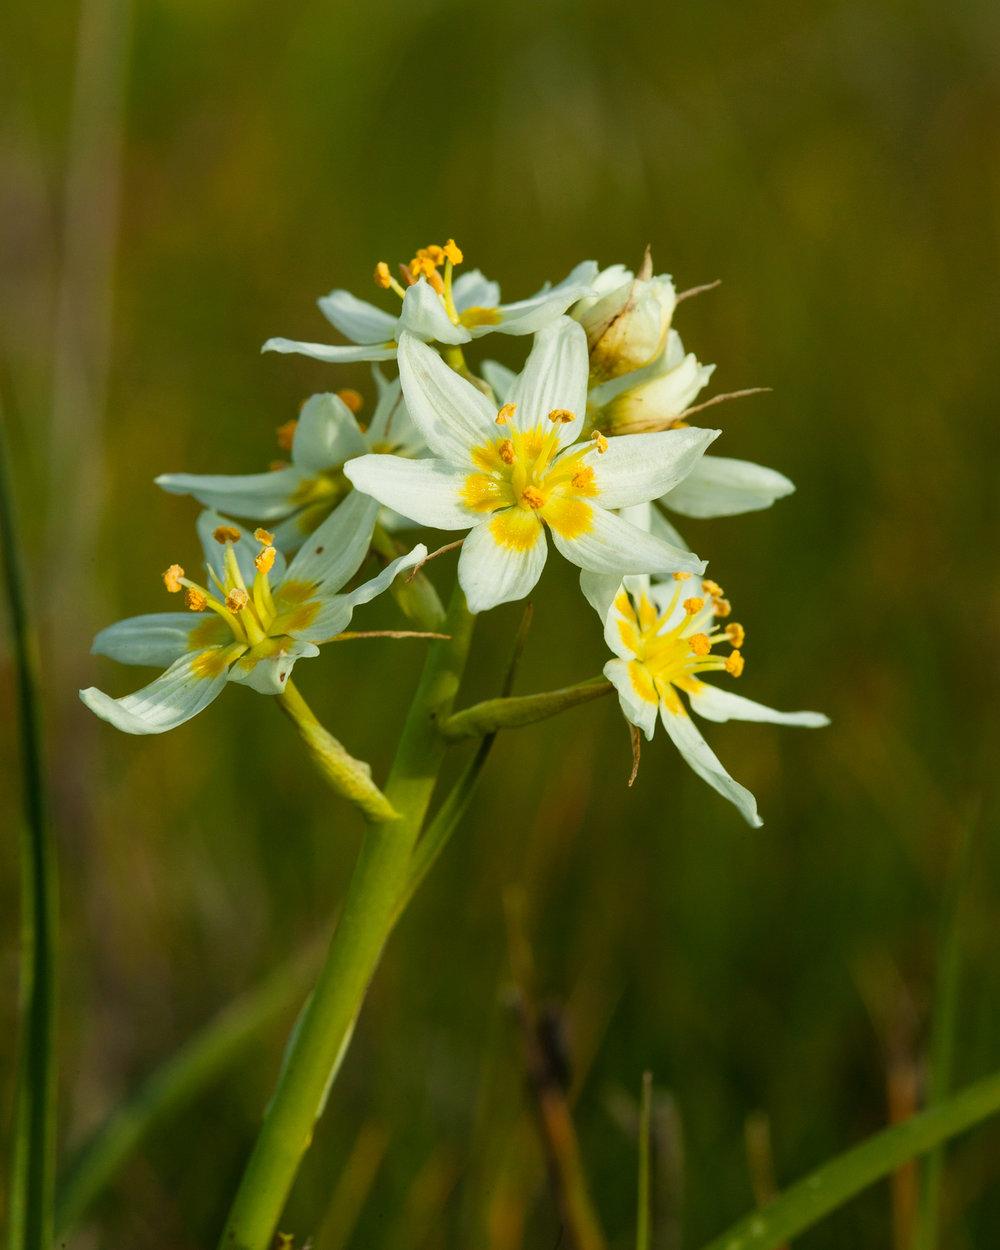 Fremont's Star Lily - Toxicoscordion fremontii